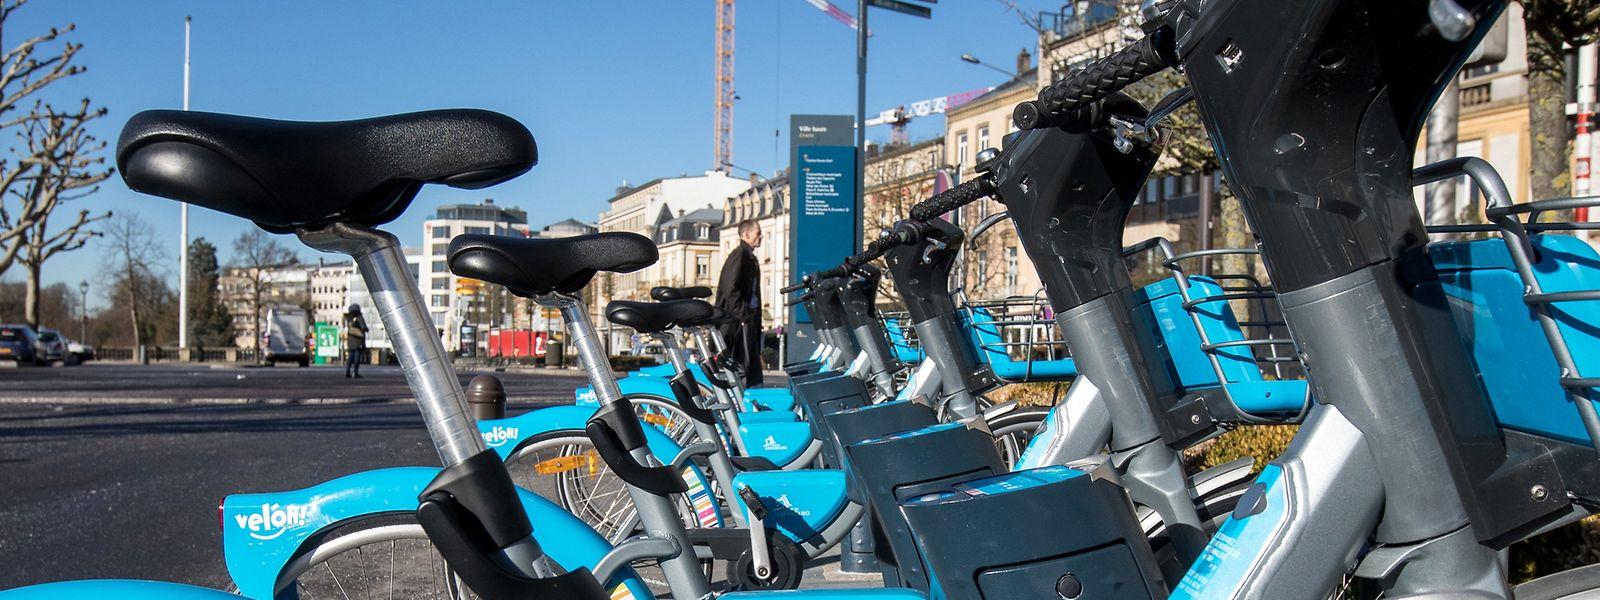 Les cartes d'assistance électrique des 1.500 vel'OH! de la Ville de Luxembourg devront être changées par JCDecaux.